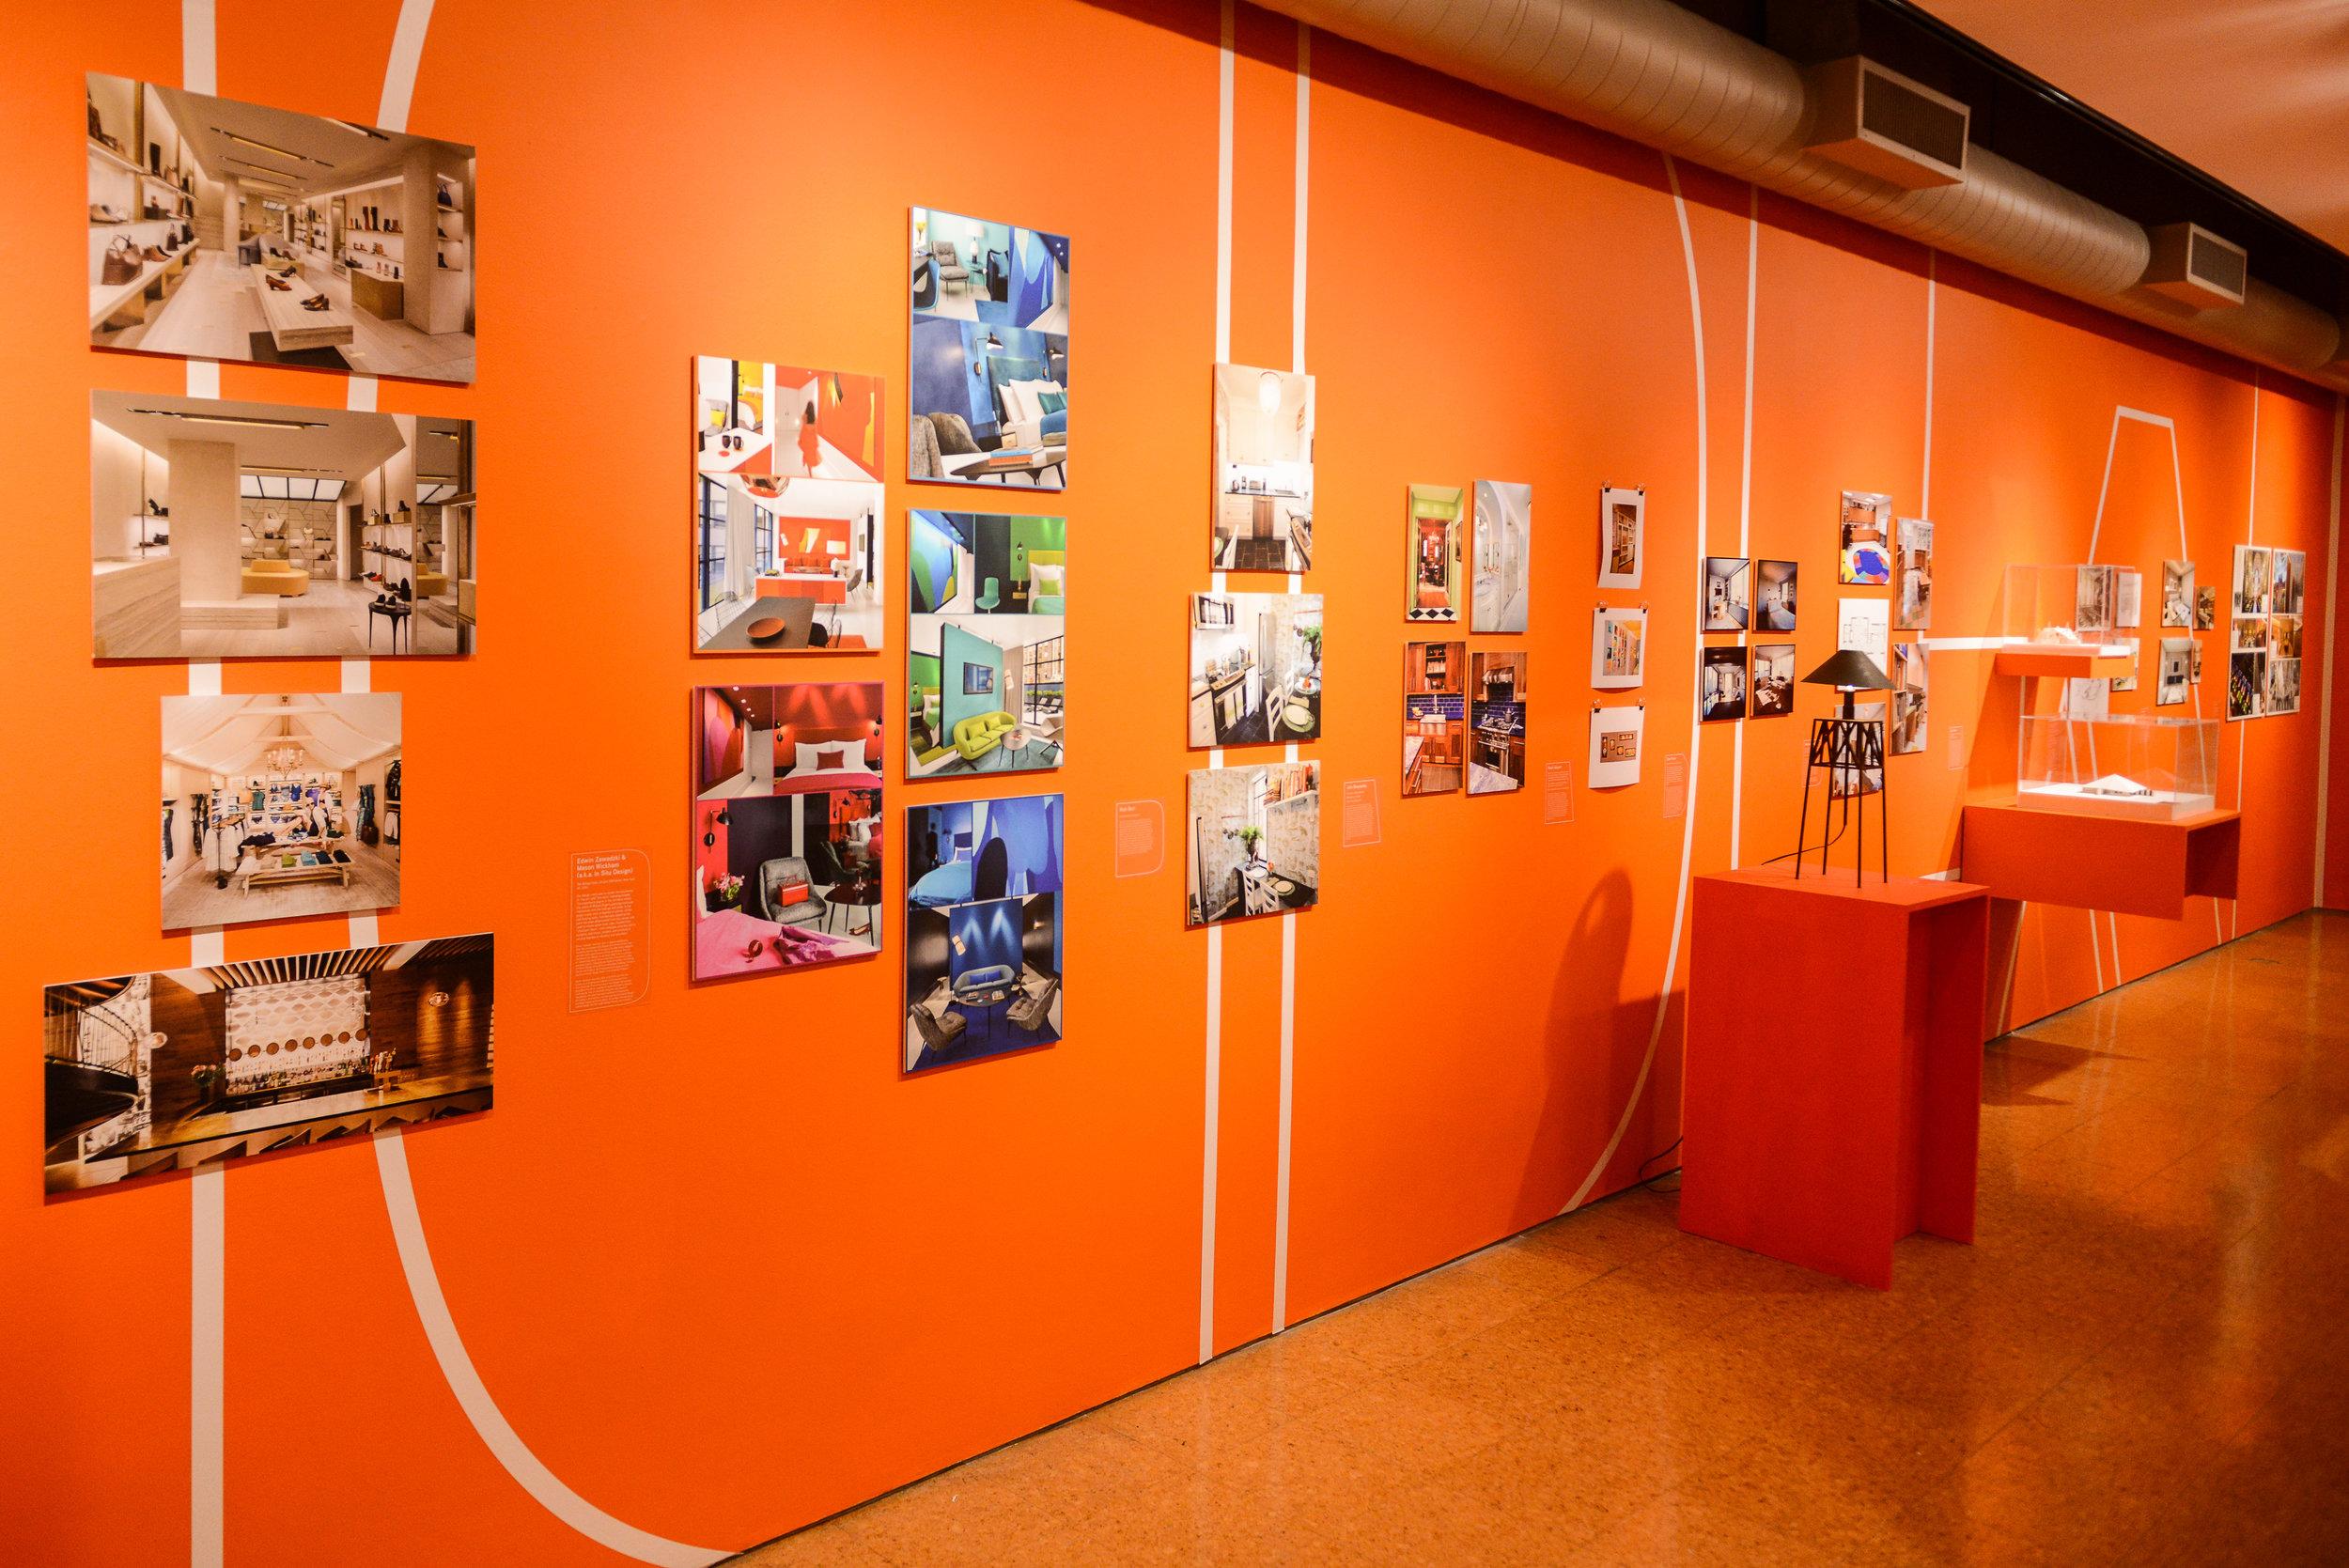 creative-scholarship-a-nysid-faculty-exhibition_36804089204_o[1].jpg